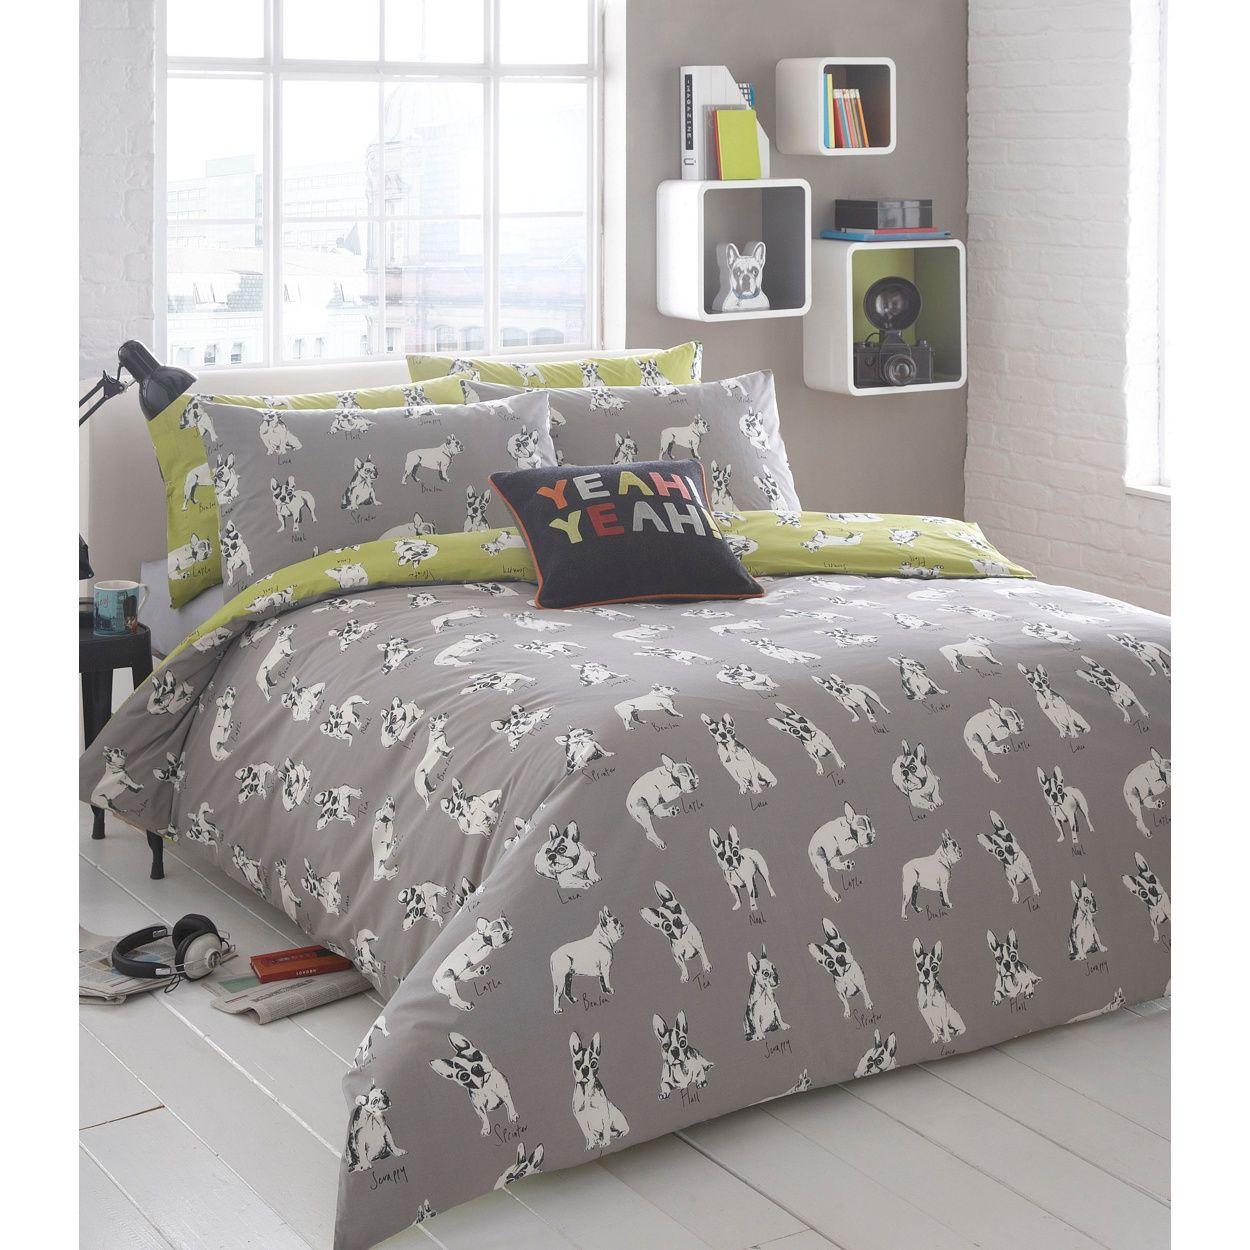 Ben de Lisi Home Sketchy dog bedding set    Debenhams. Ben de Lisi Home Sketchy dog bedding set    Debenhams   Home